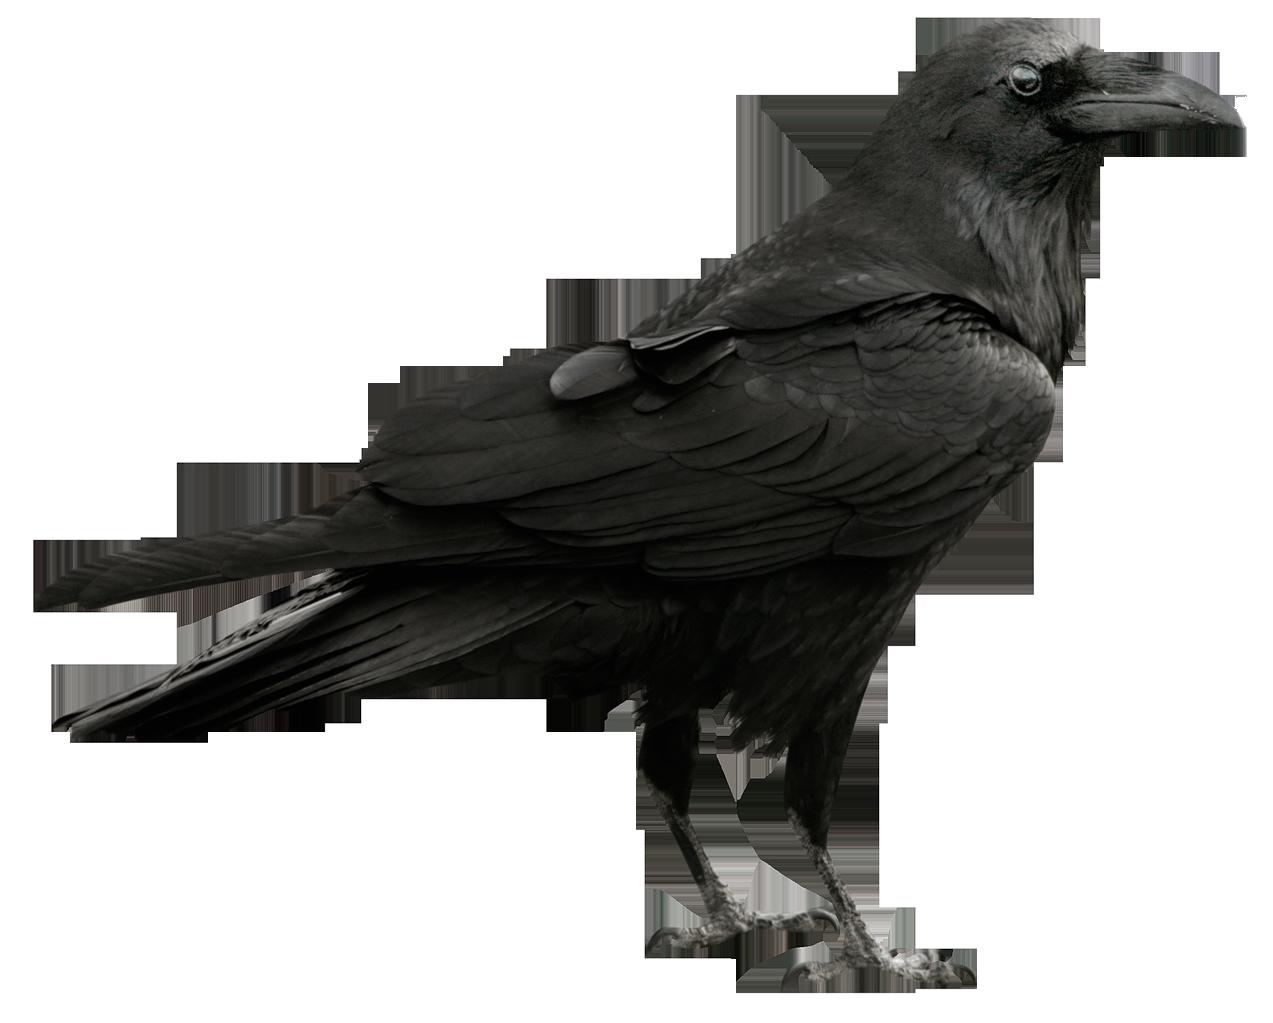 svg transparent stock Transparent crow raven. Png picture design d